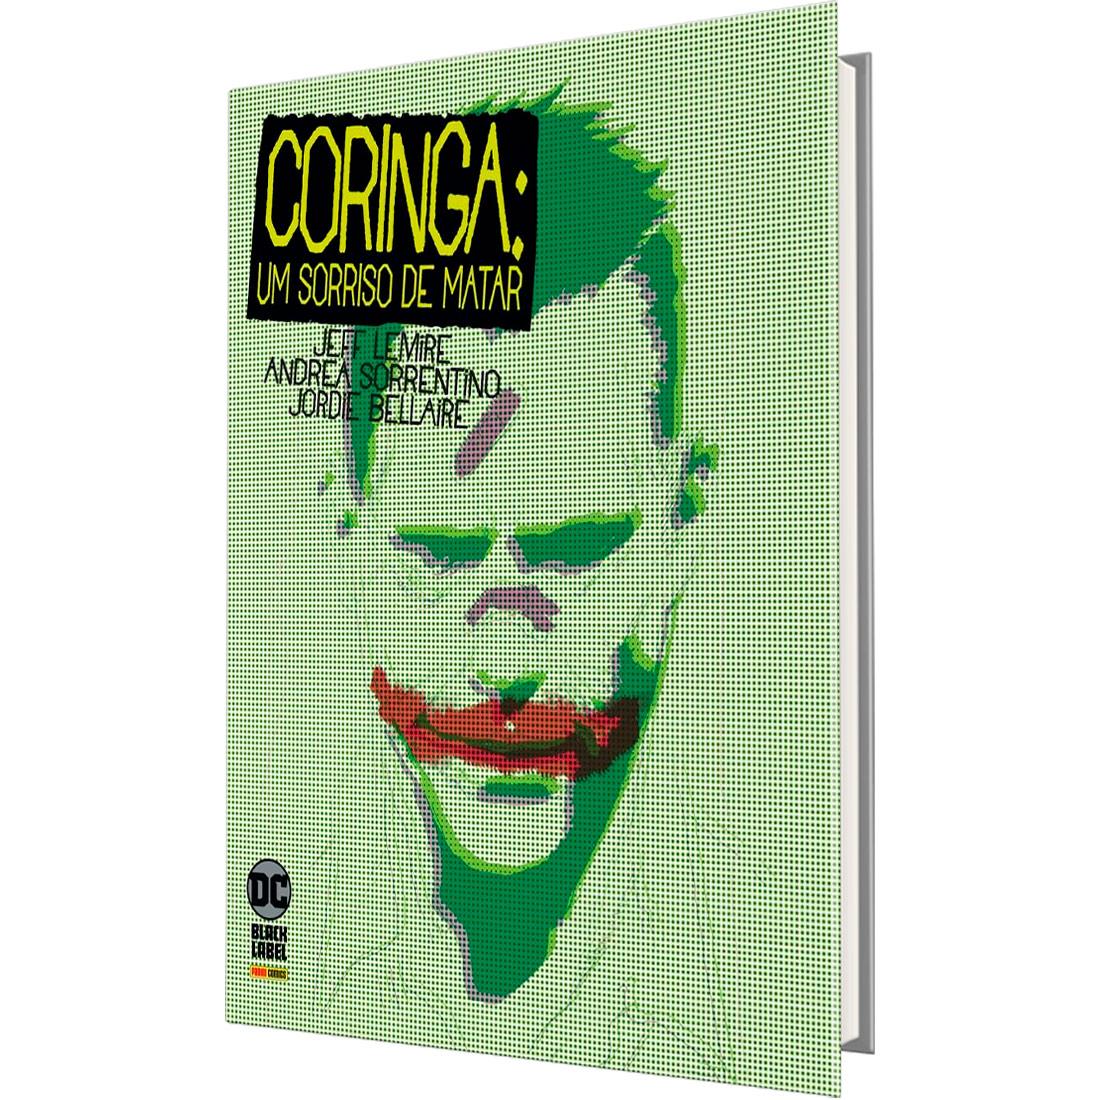 Coringa - Um Sorriso de Matar